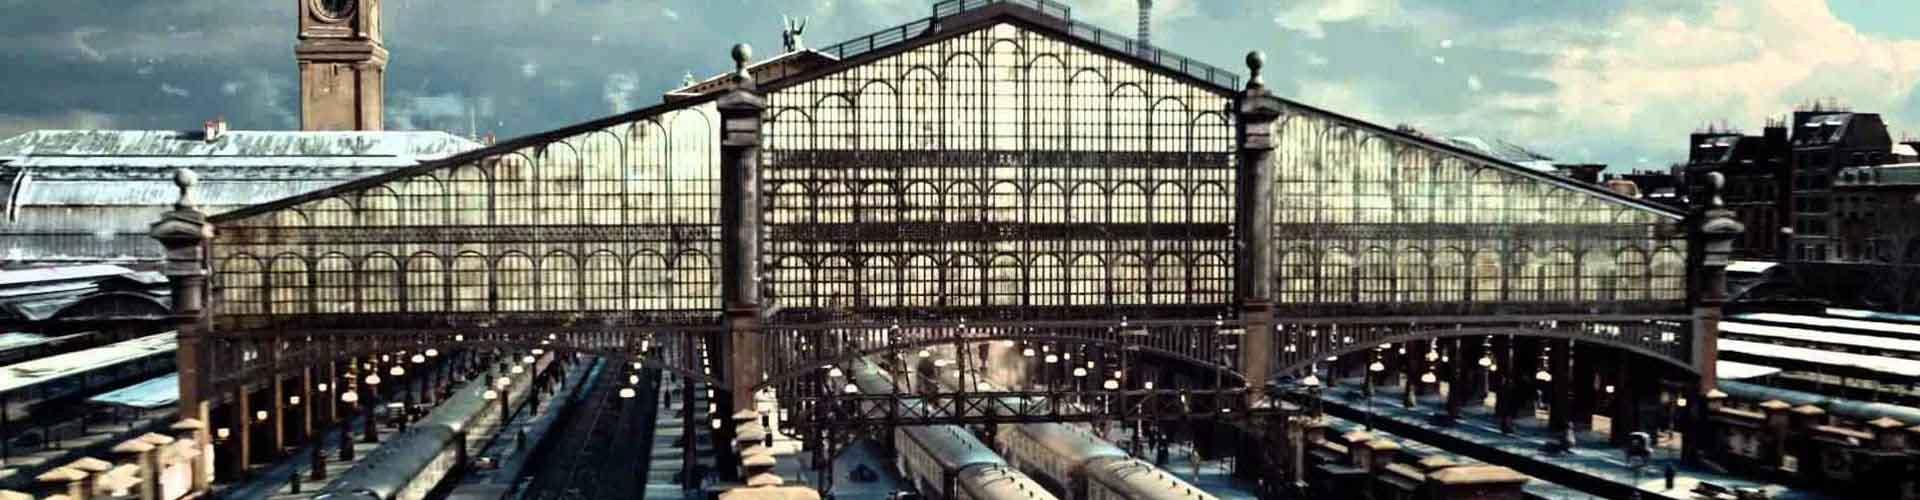 파리 - 몽빠르나스 역에 가까운 호텔. 파리의 지도, 파리에 위치한 호텔에 대한 사진 및 리뷰.